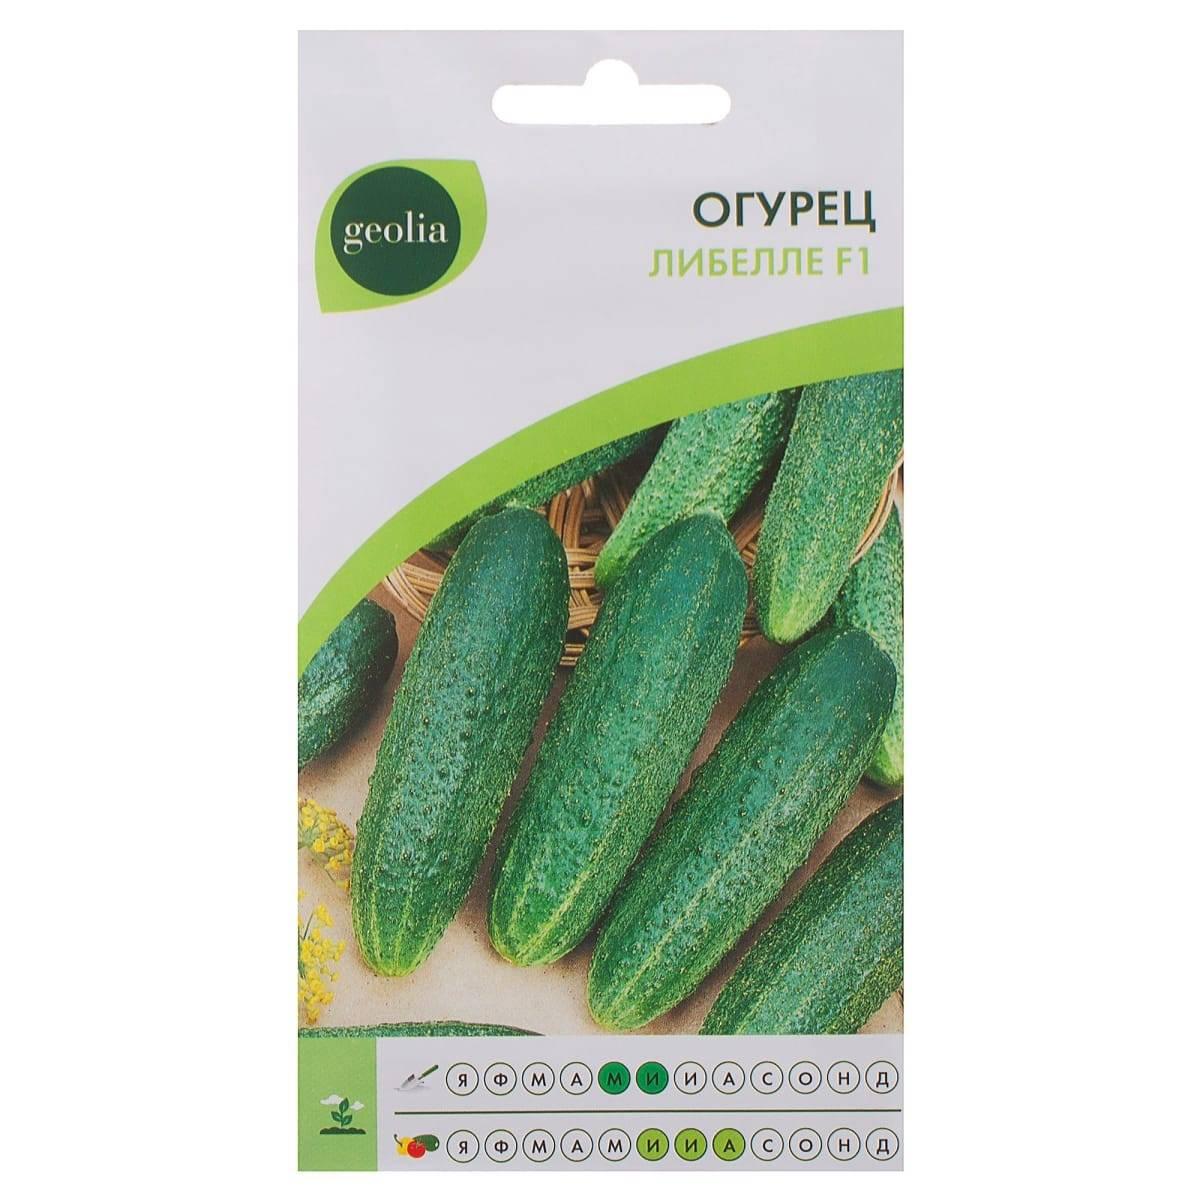 Описание и характеристики огурцов сорта либелла f1, выращивание и уход